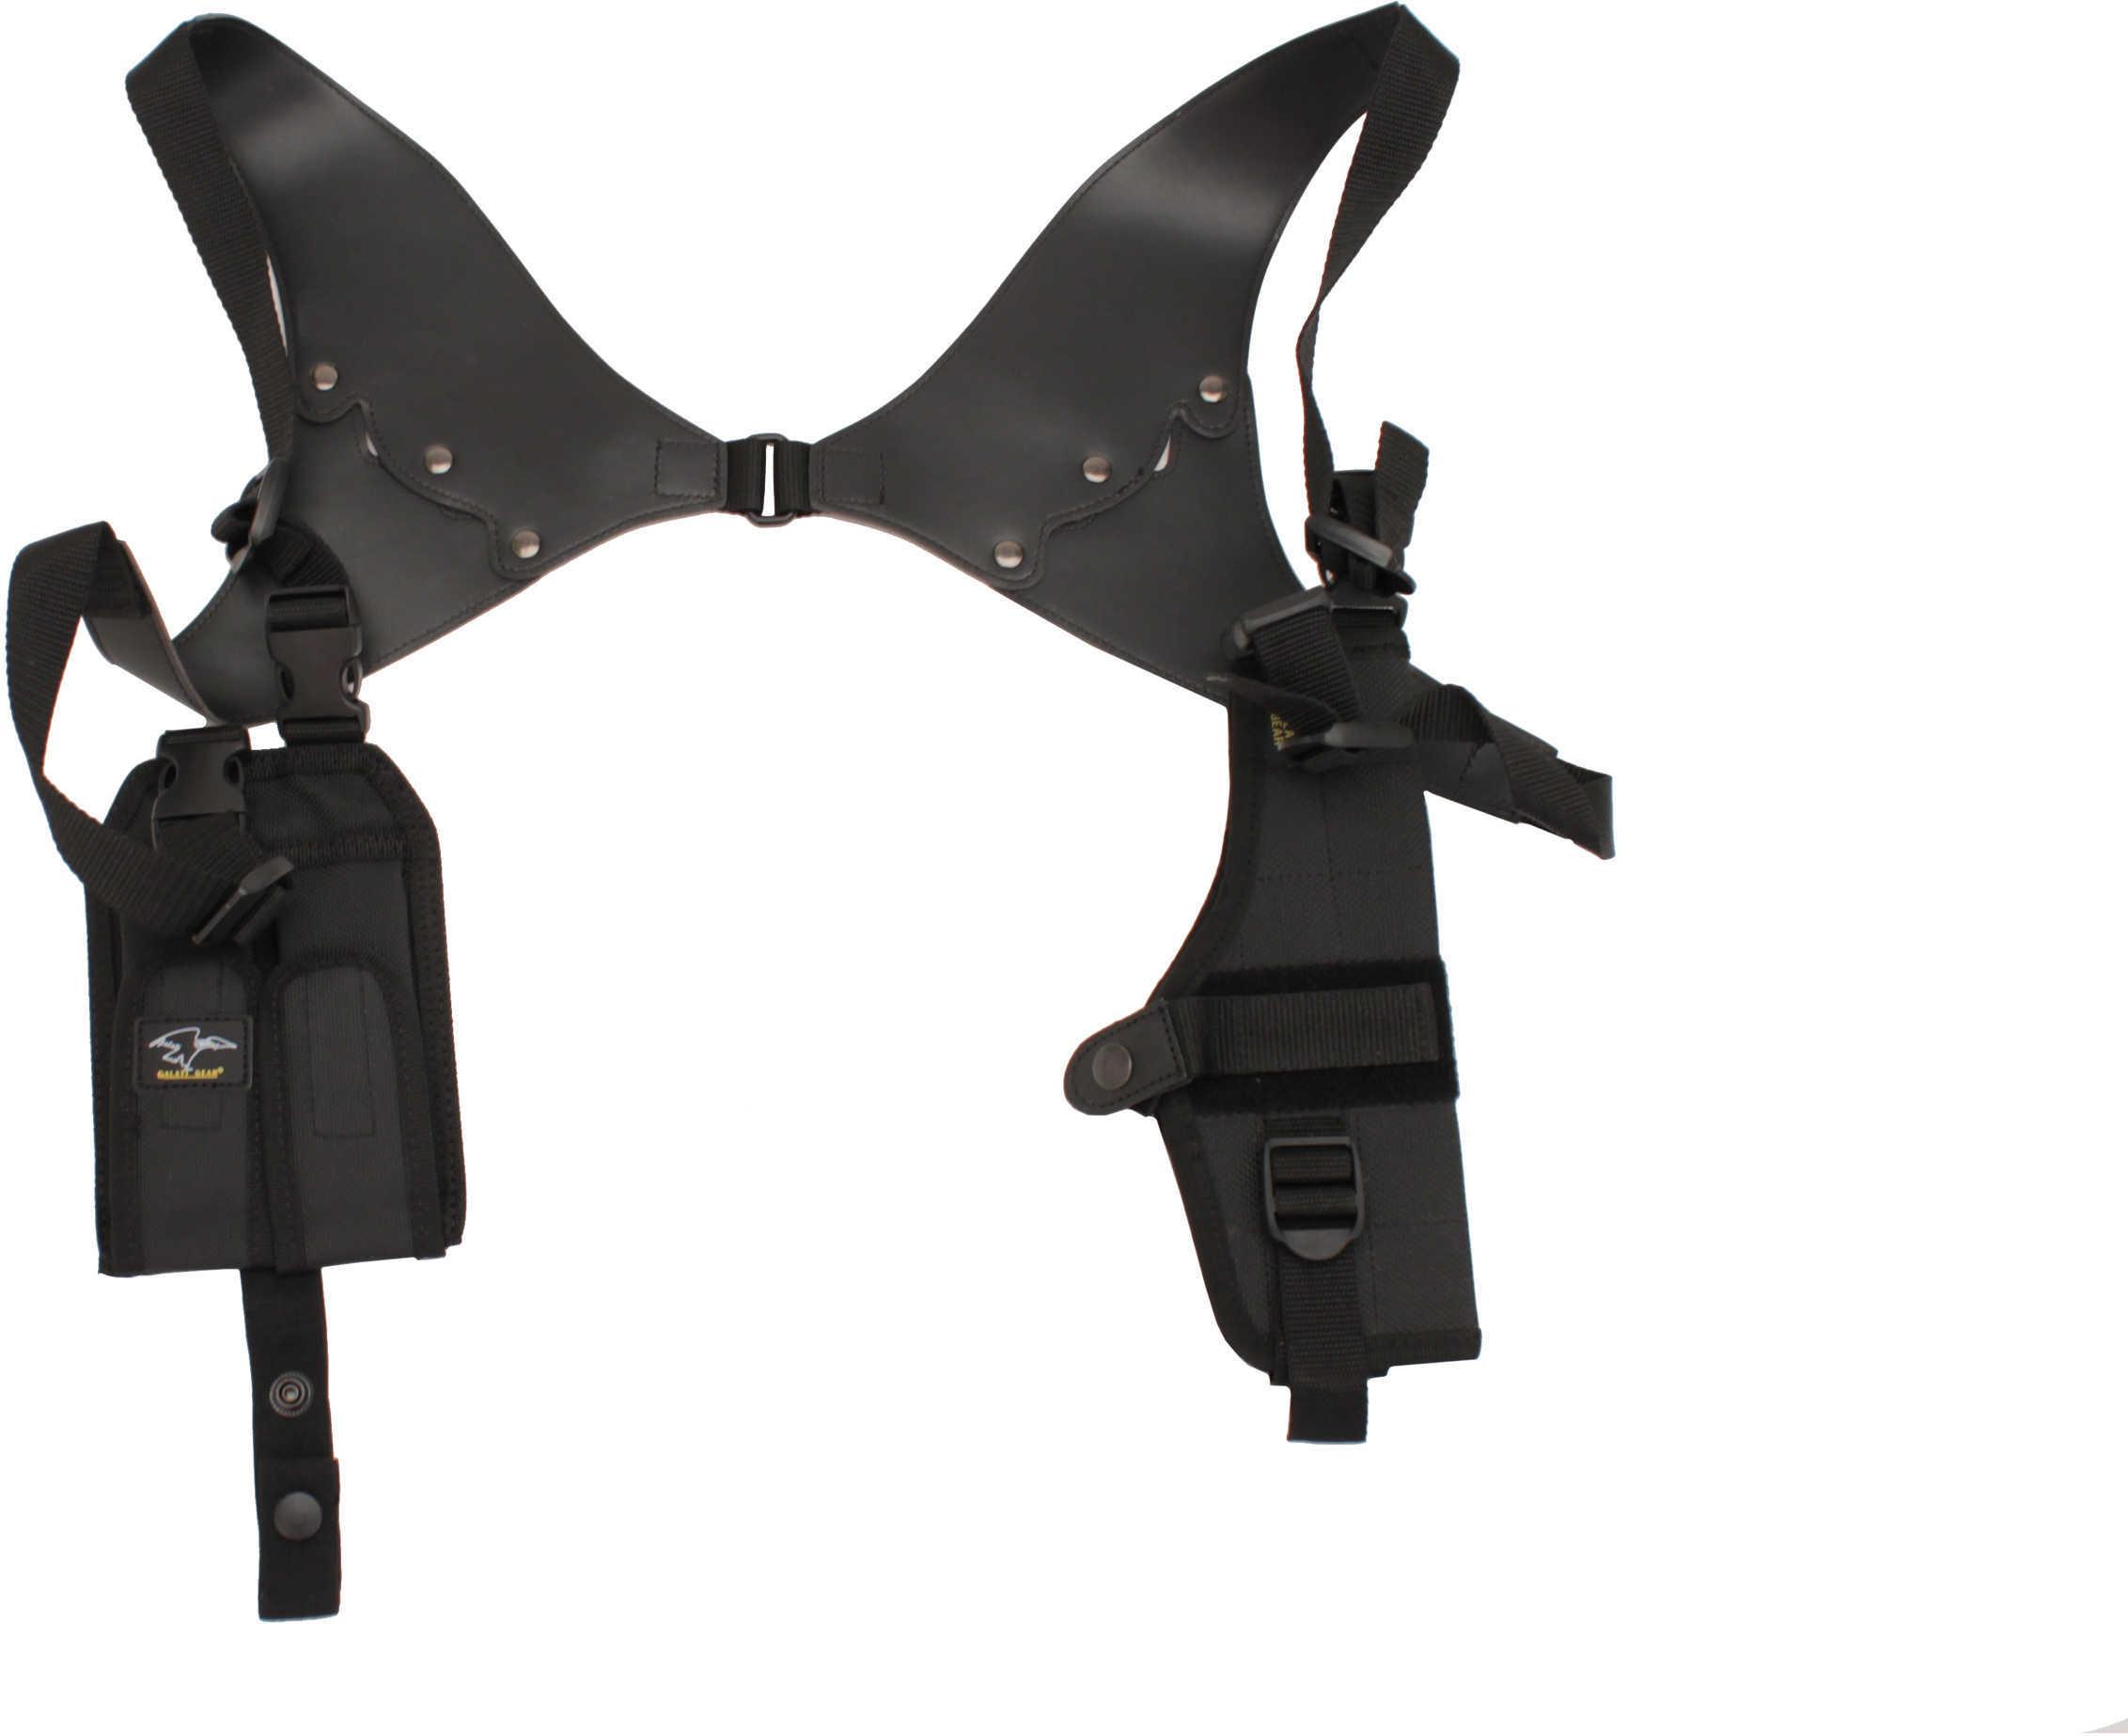 Vertical Revolver Rig #1 Md: GLVR1